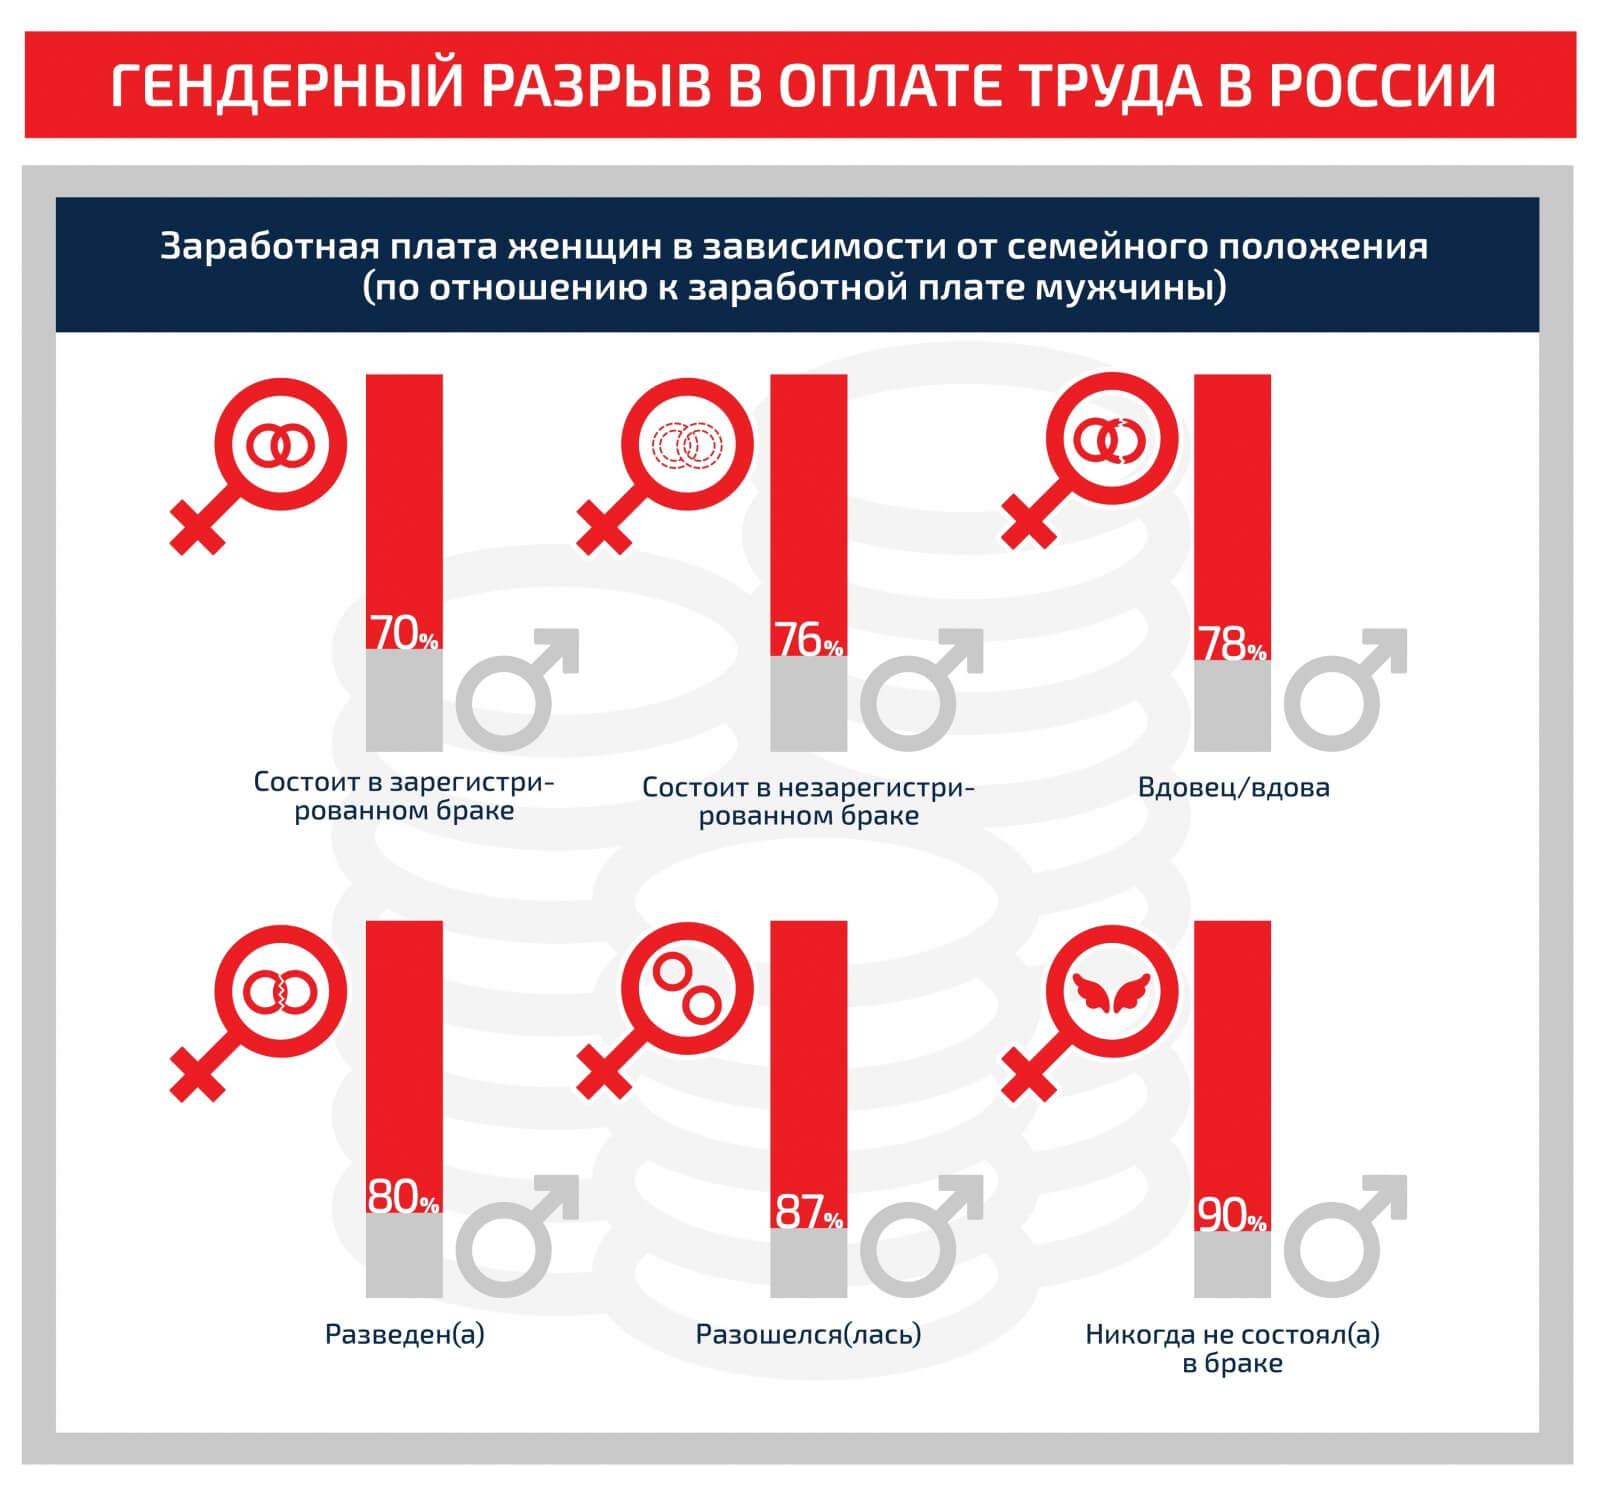 Гендерный разрыв в оплате труда в России